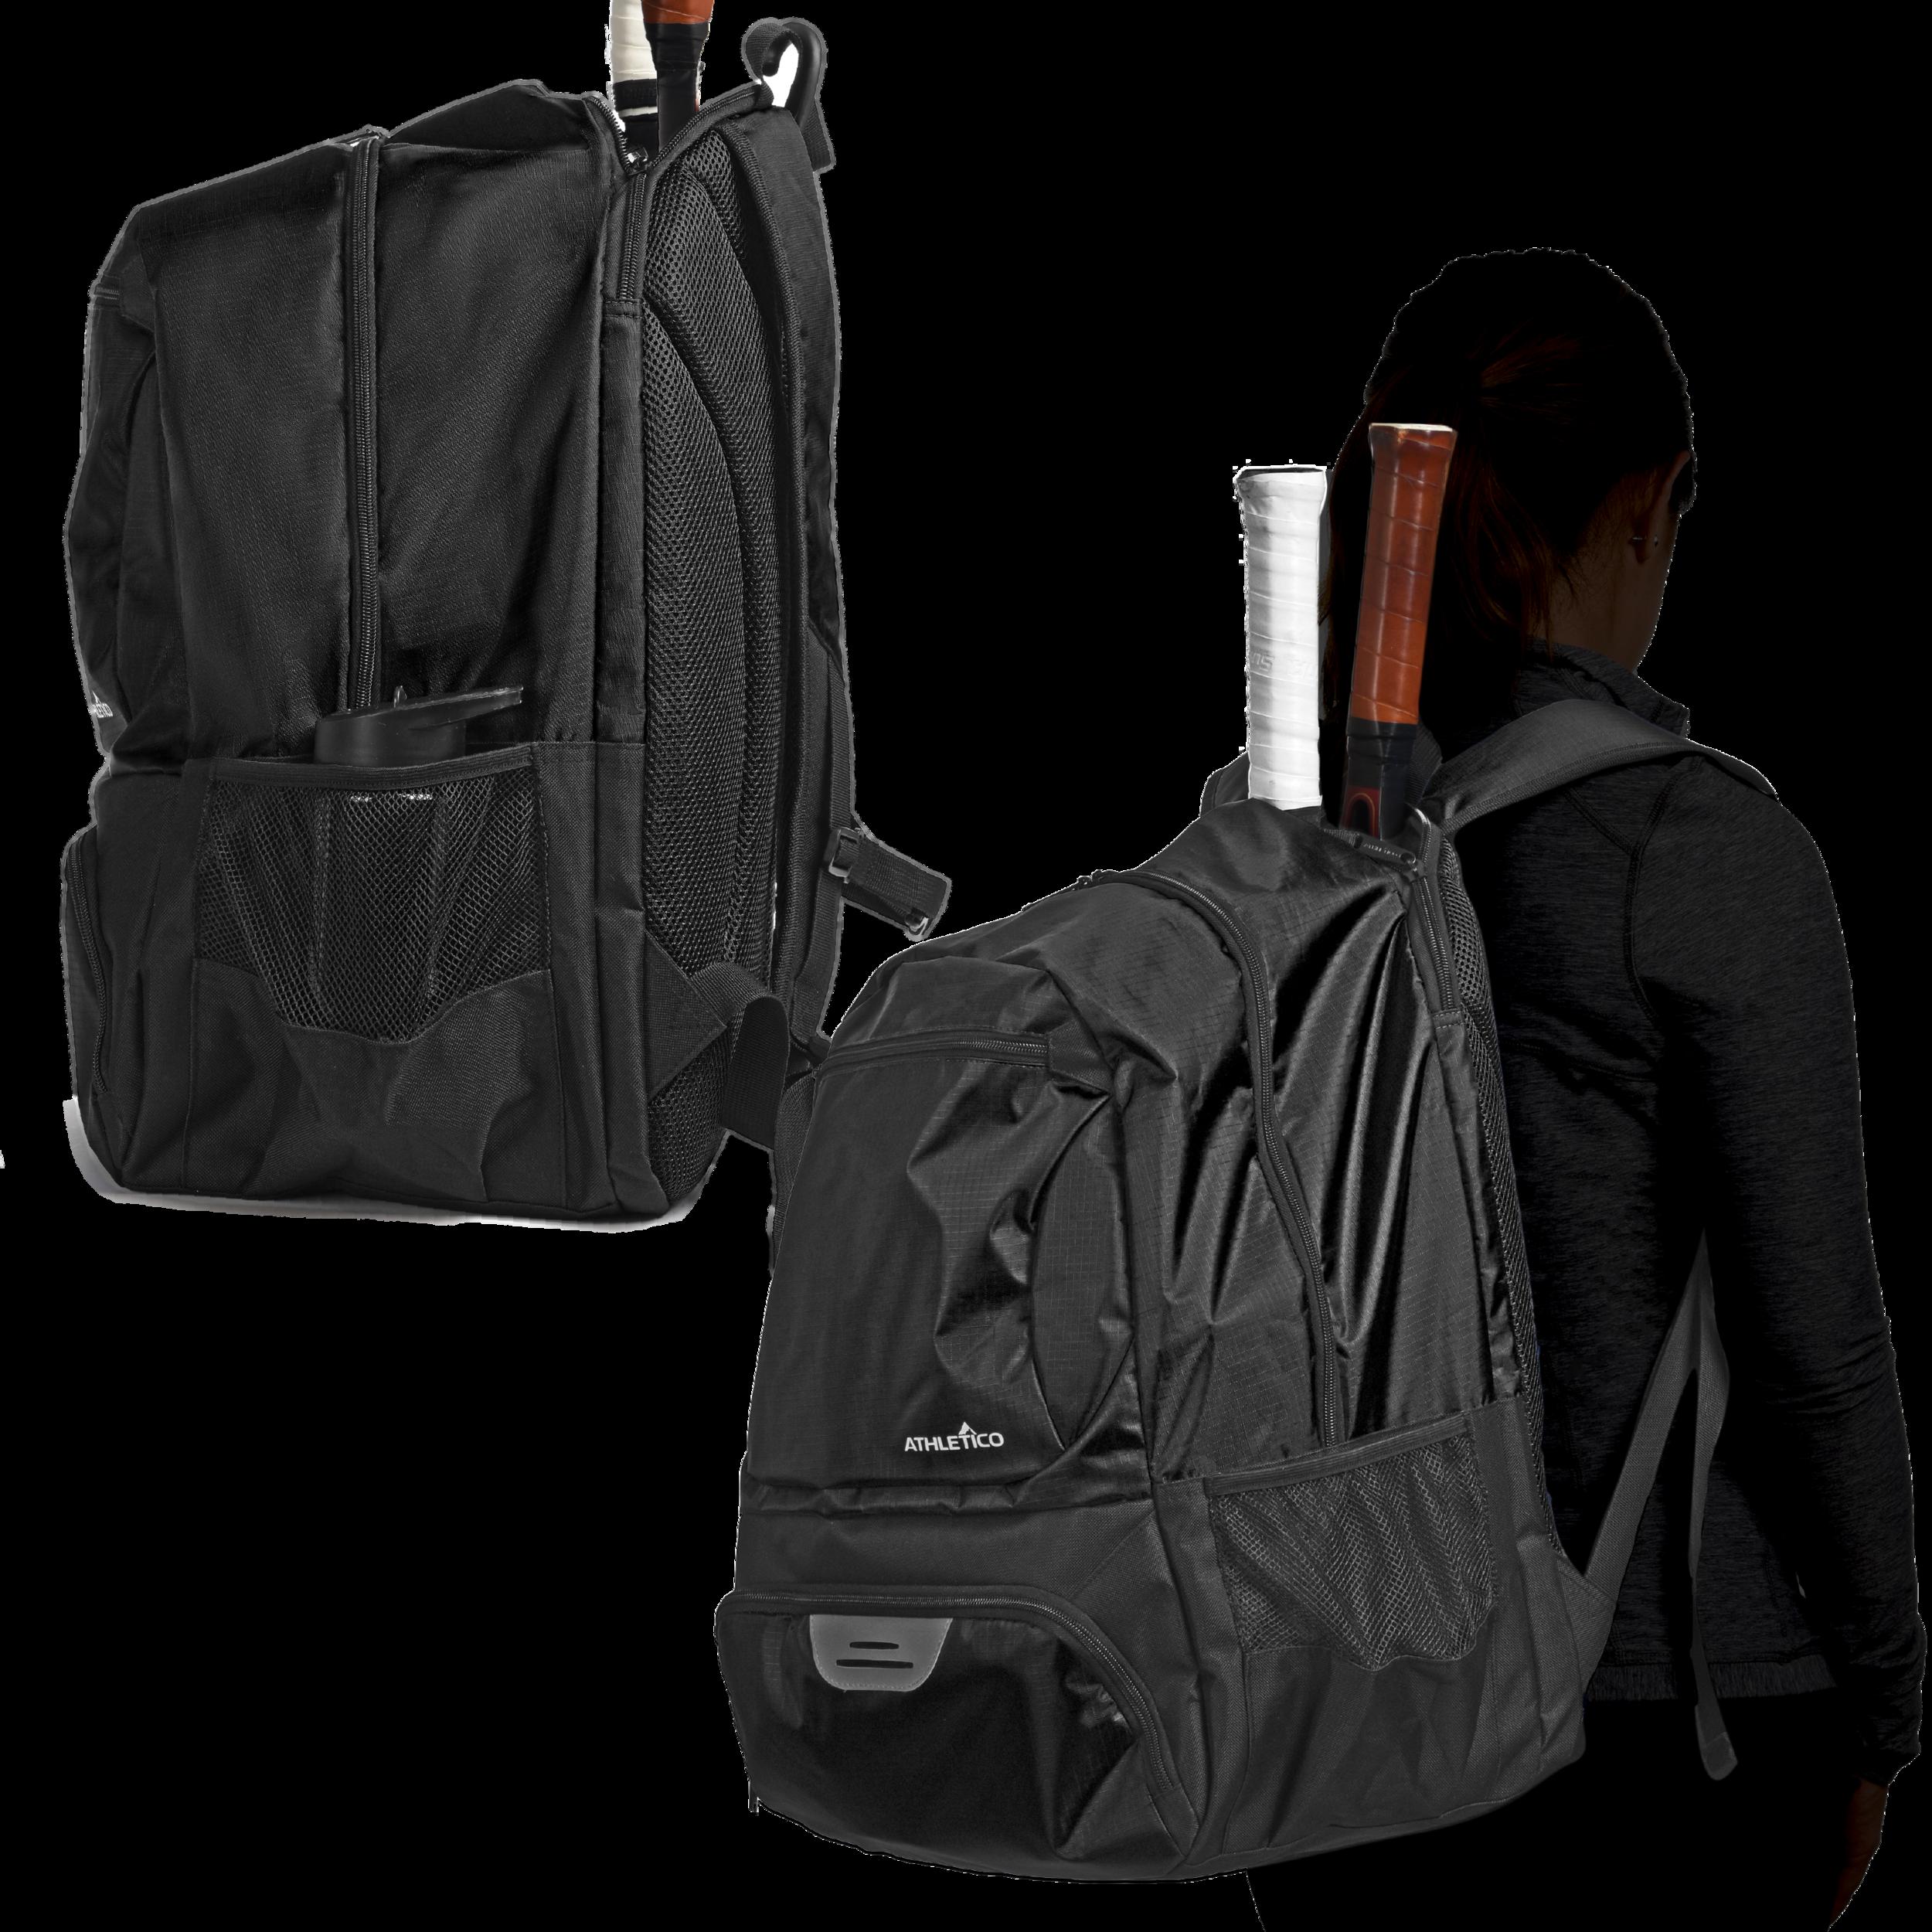 Premier Tennis Backpack Listing - Blk2.png